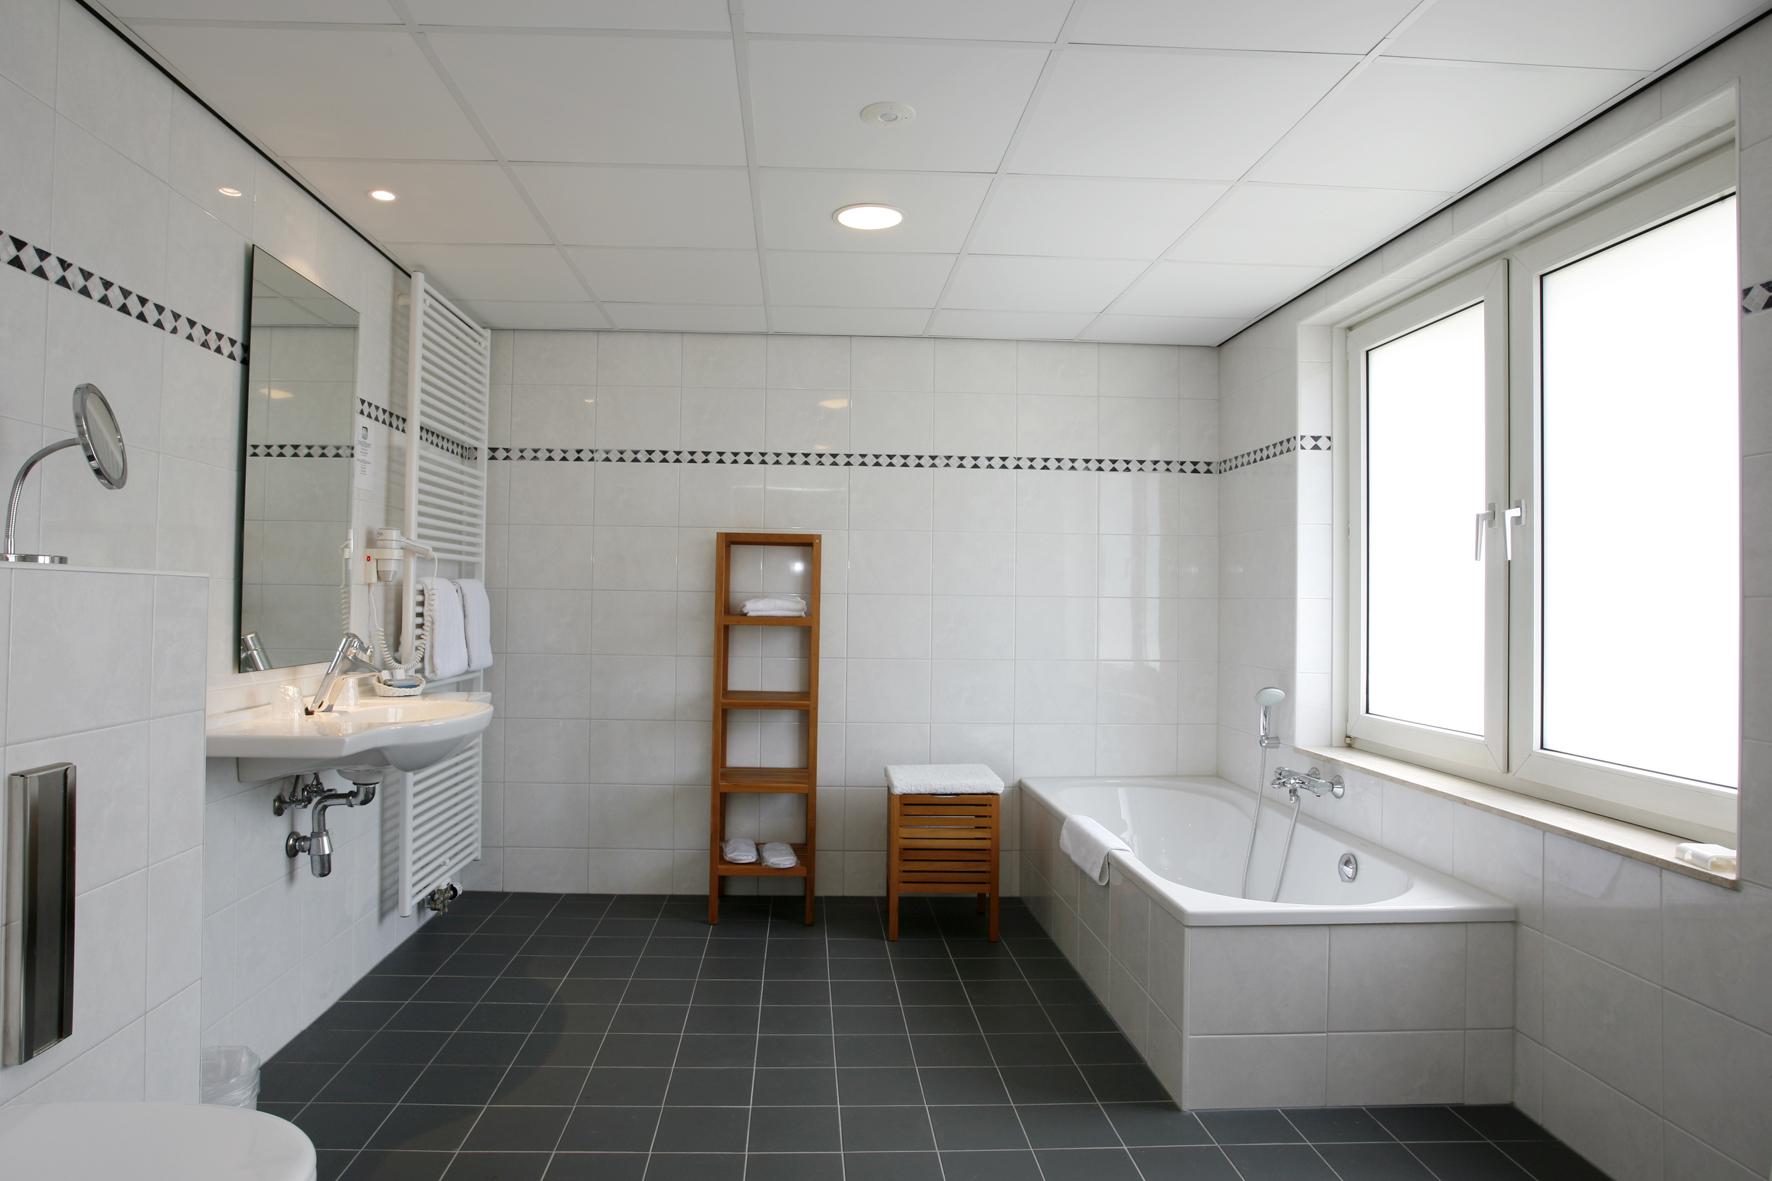 Badkamer-zorgkamer